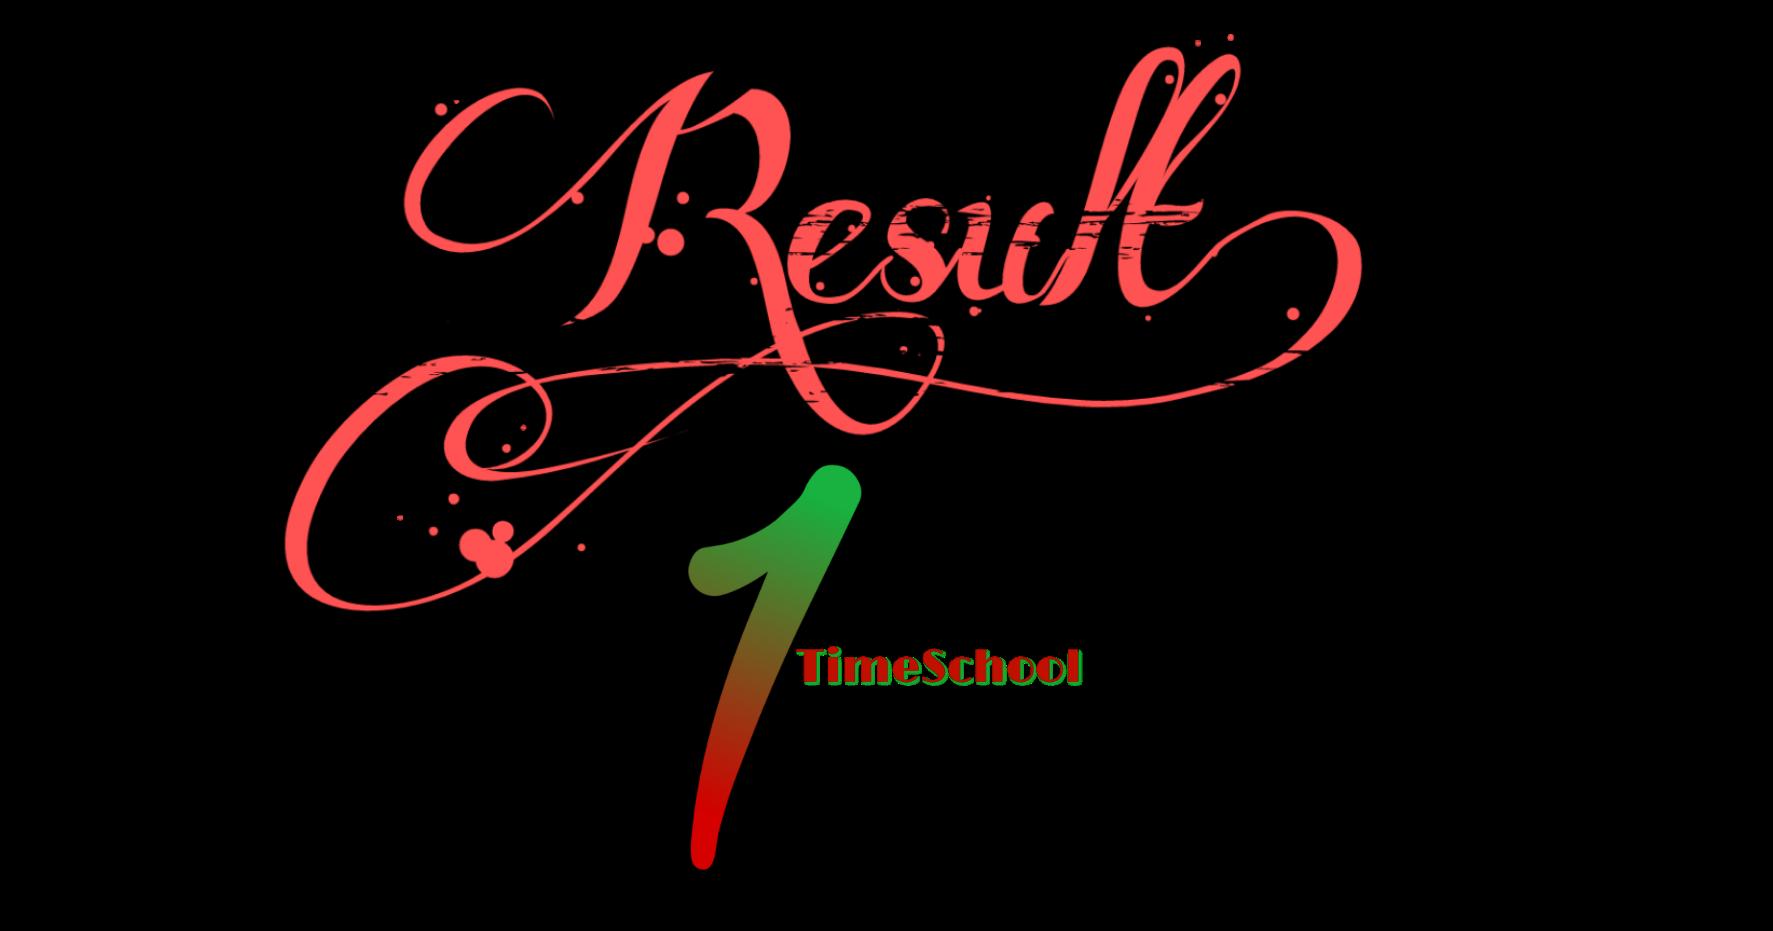 hsc,ssc,jsc,psc,dakhil,alim,fazil,jdc,pdc,admission,result